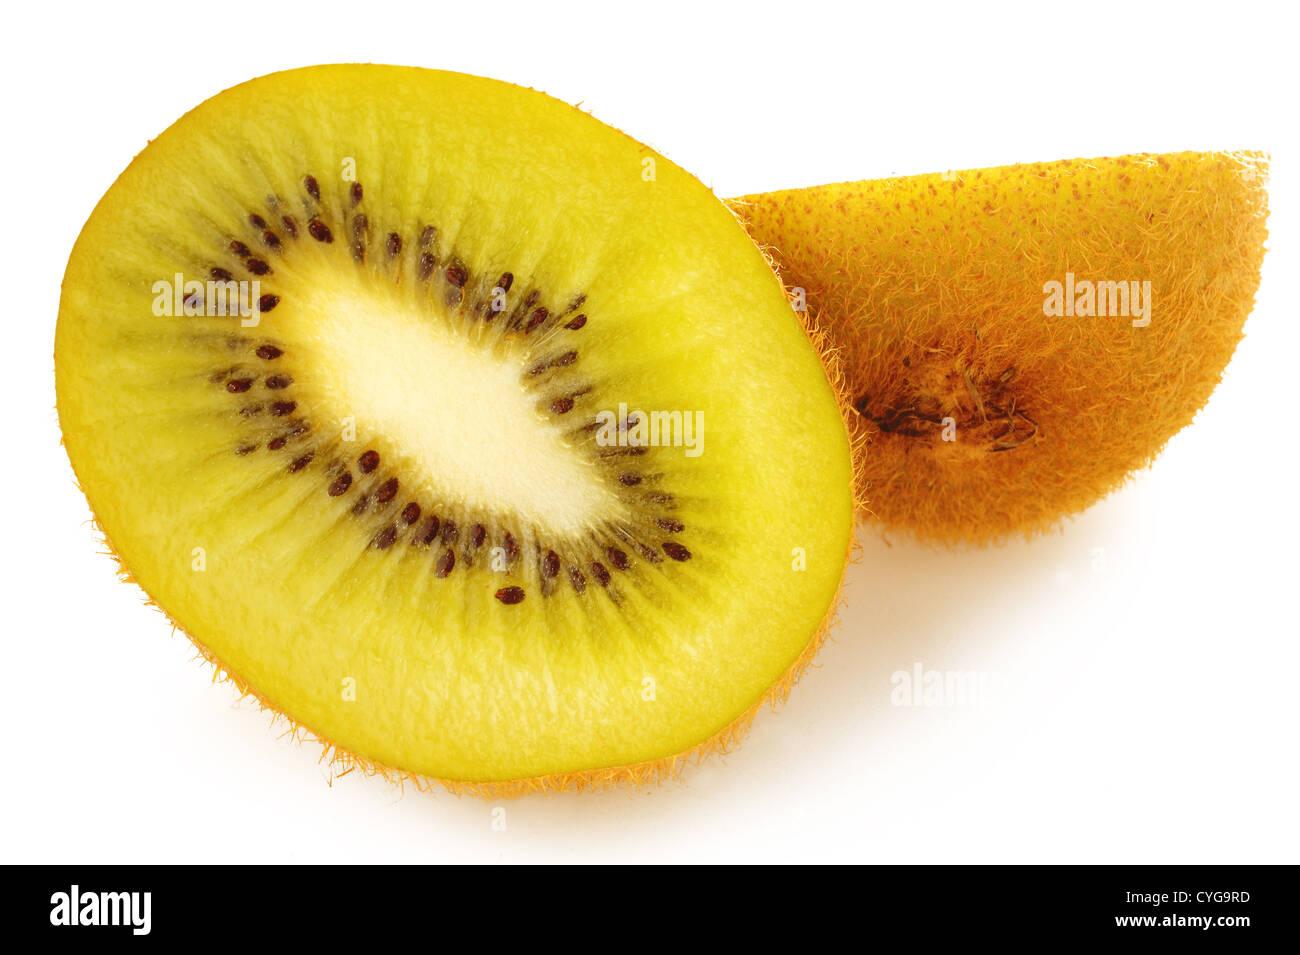 Gold kiwi fruit on a white background - Stock Image